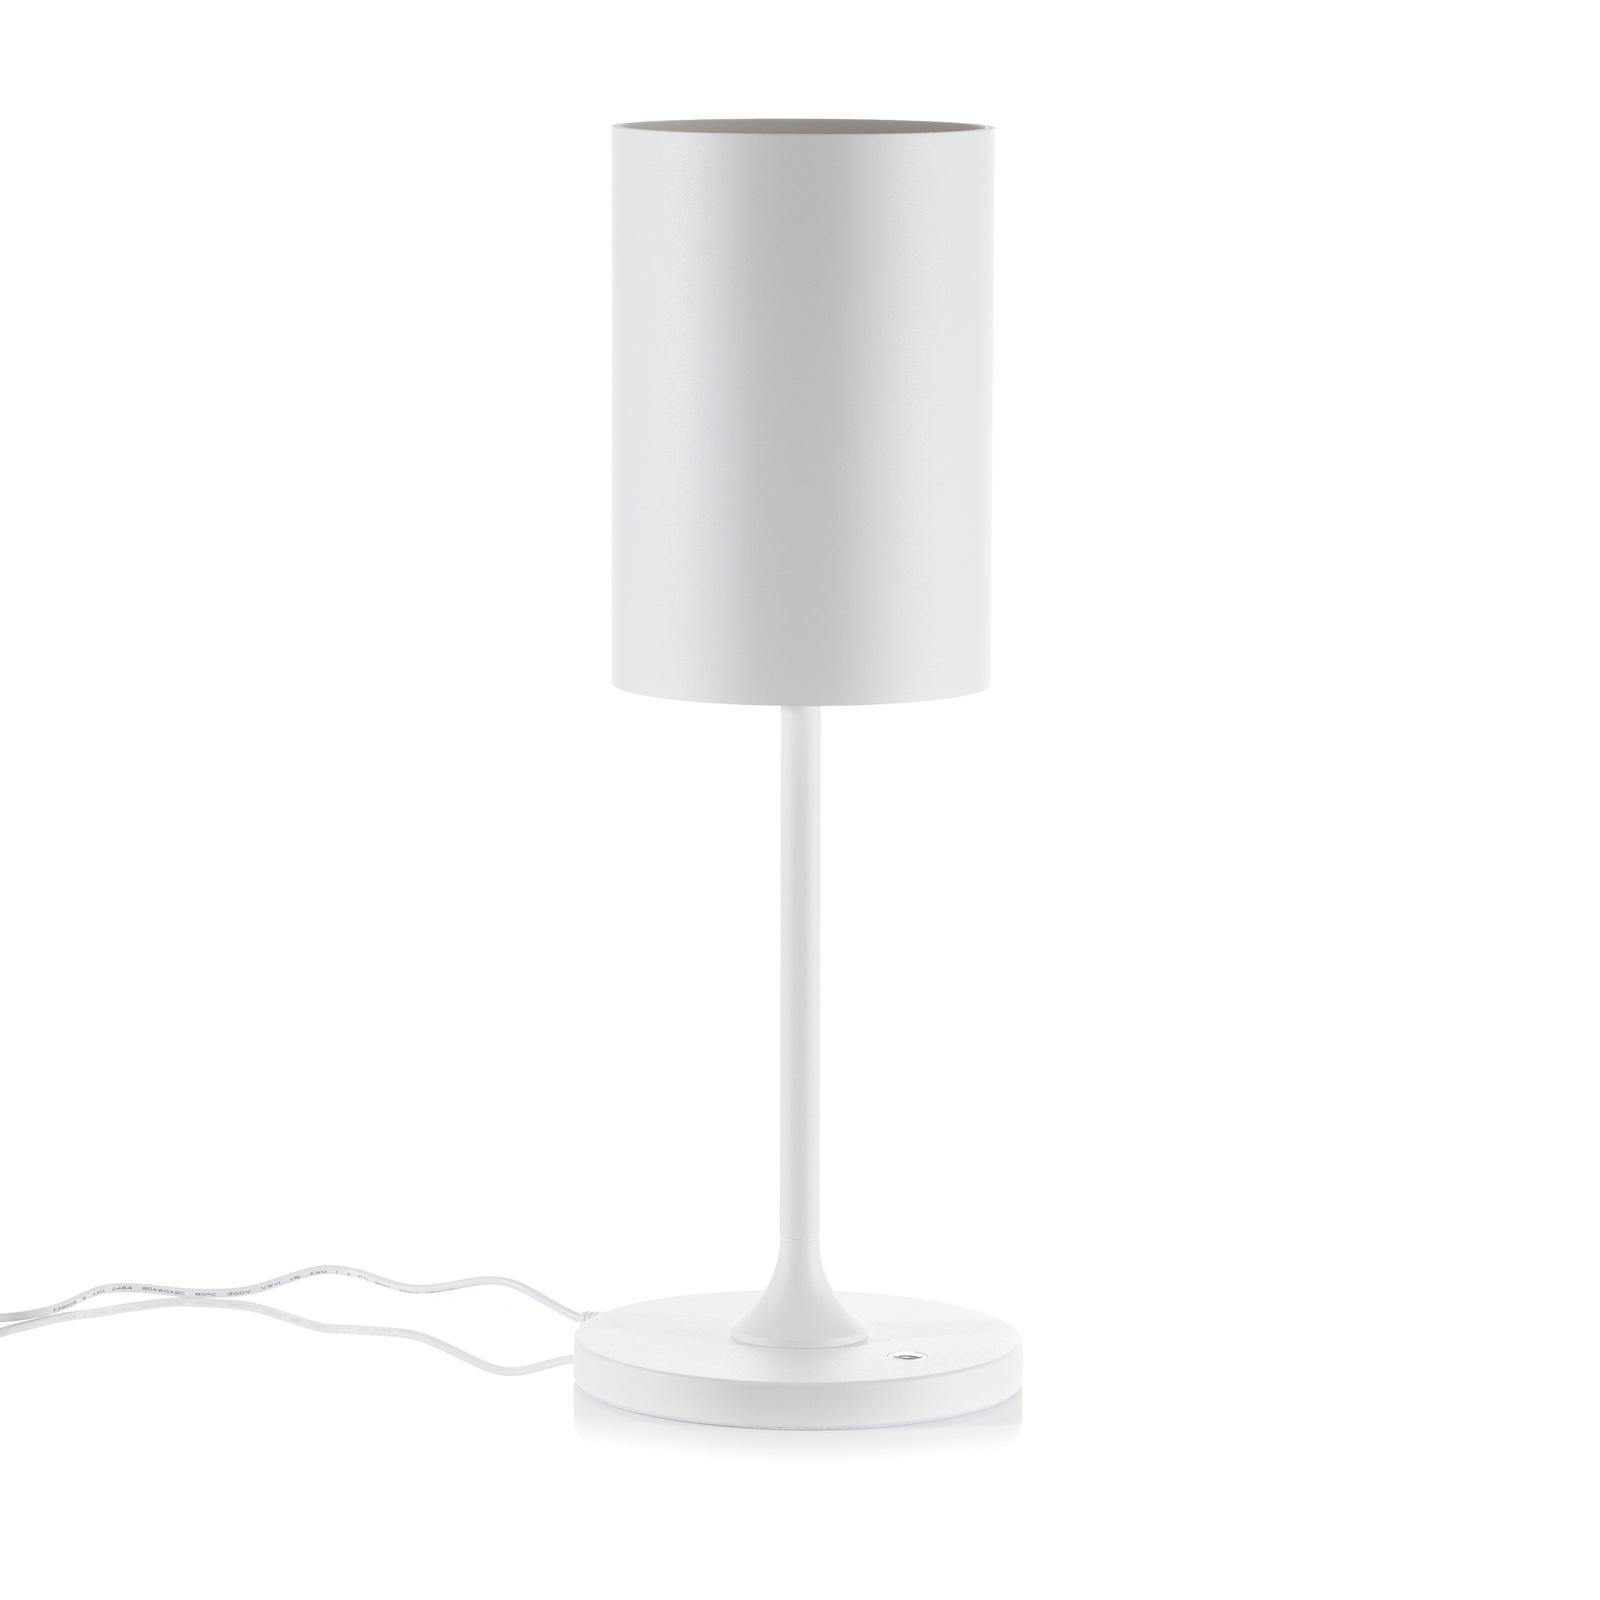 LOUM Pokula LED-bordlampe hvit